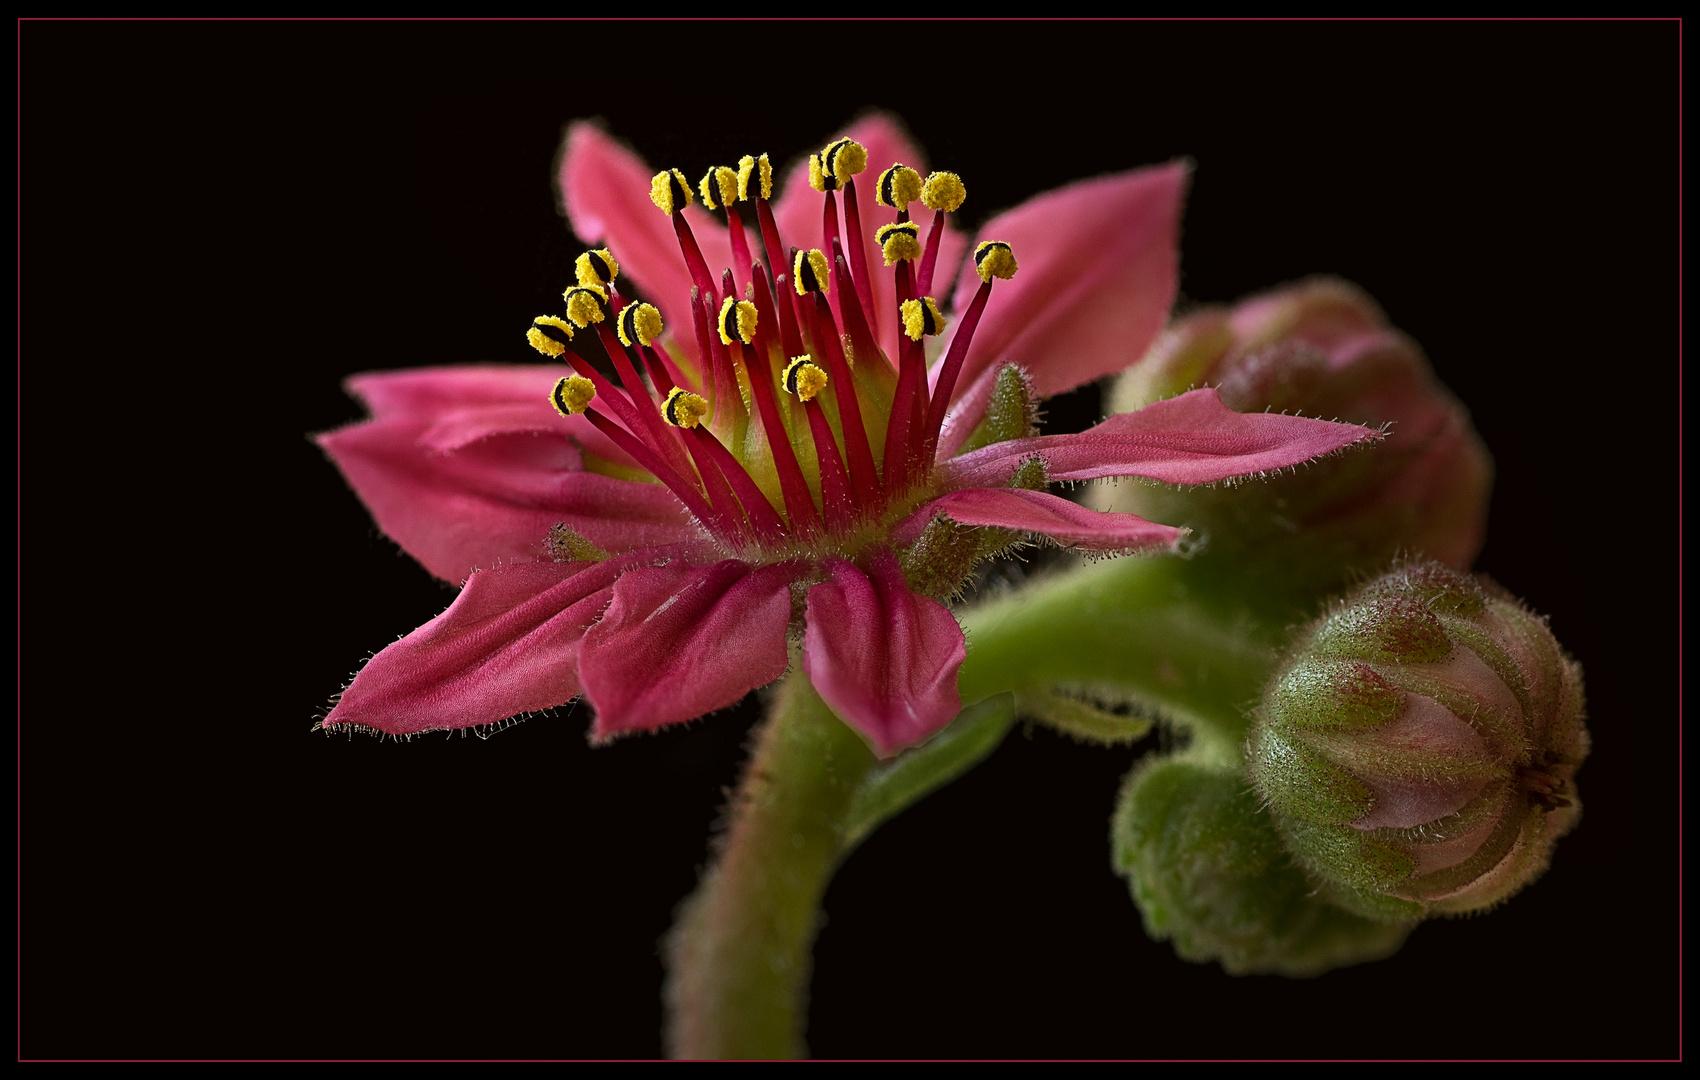 Die Blüten vom Hauswurz sind winzig .. aber wunderschön